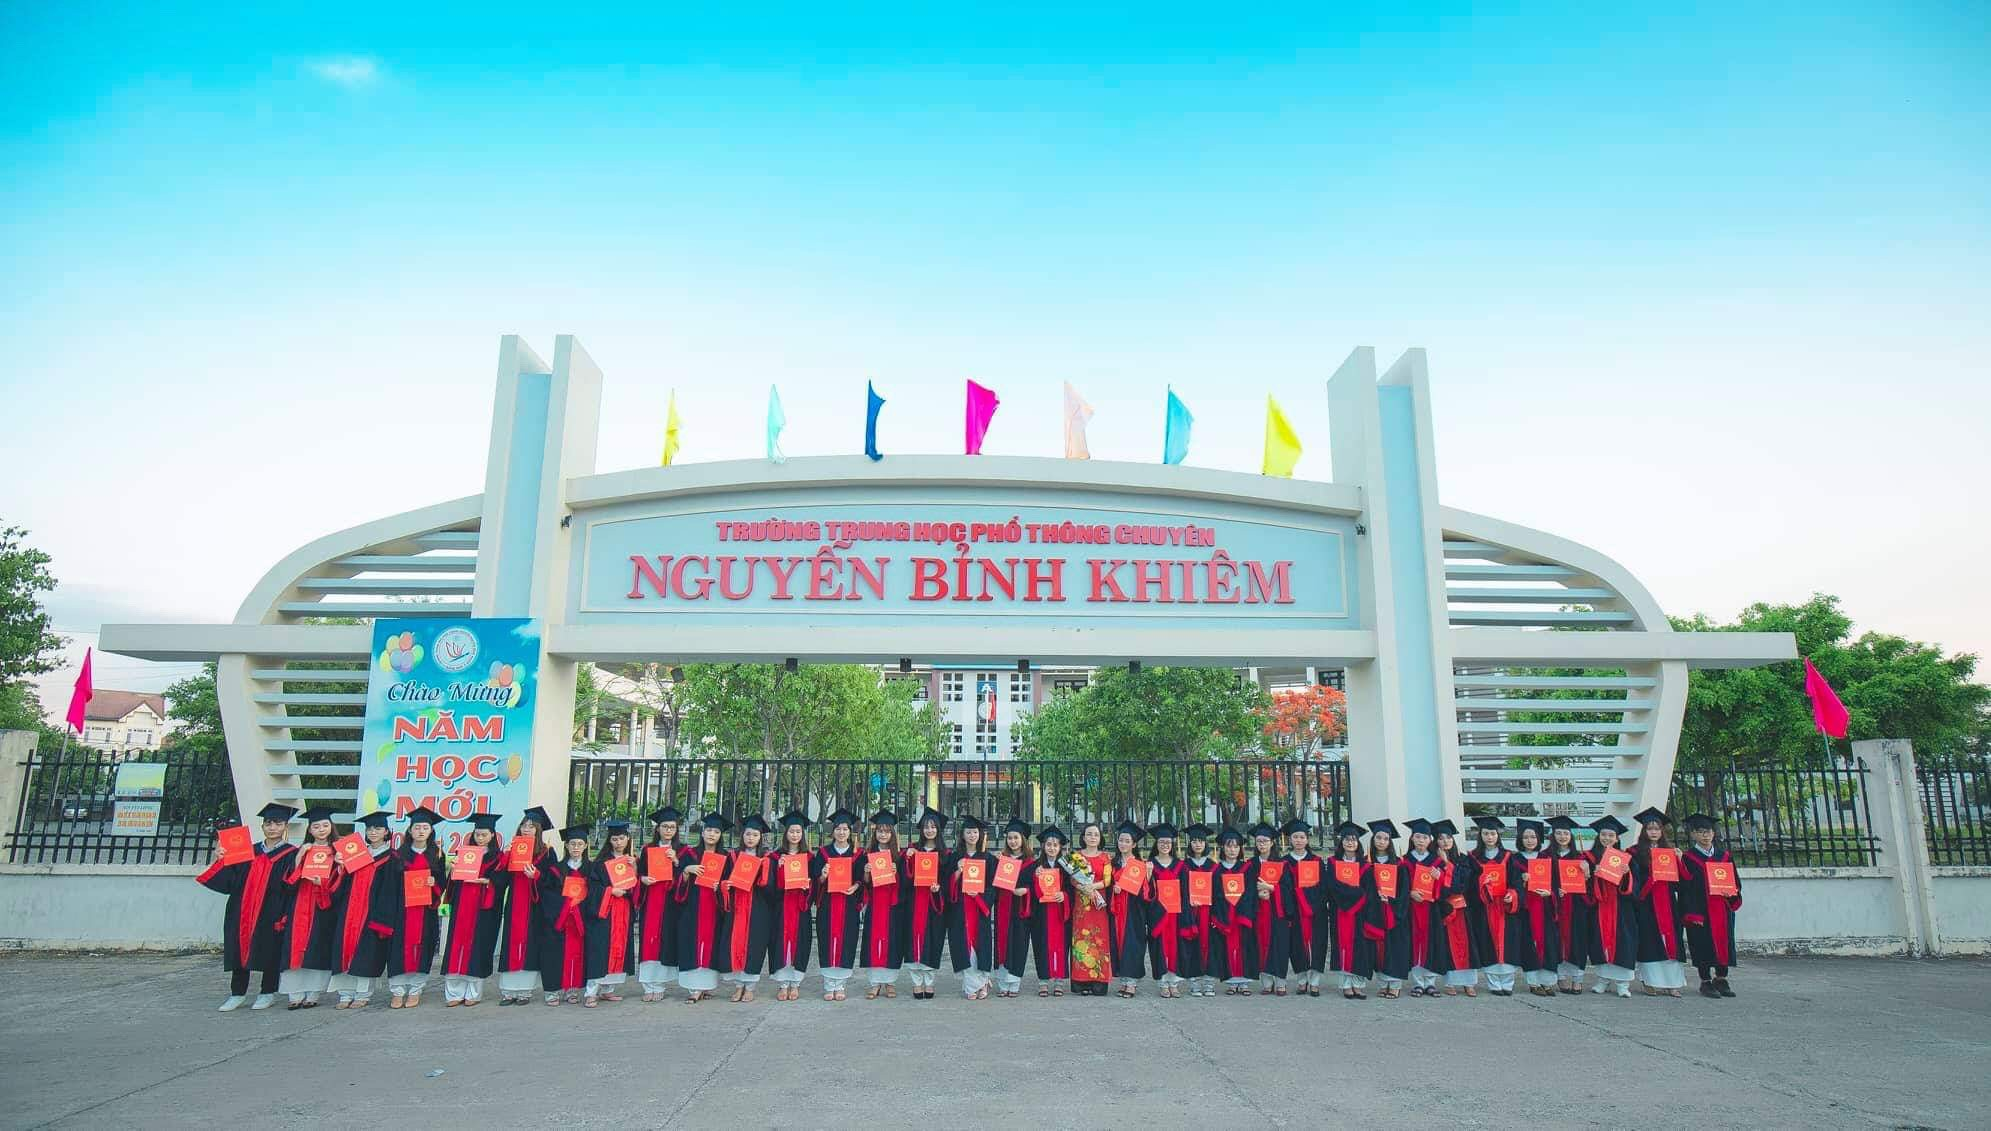 Hơn cả một học sinh giỏi: Vượt qua nỗi đau mất mẹ, nữ sinh Quảng Nam vươn lên đạt điểm văn cao nhất cả nước trong kỳ thi THPT Quốc gia 2019 - Ảnh 3.